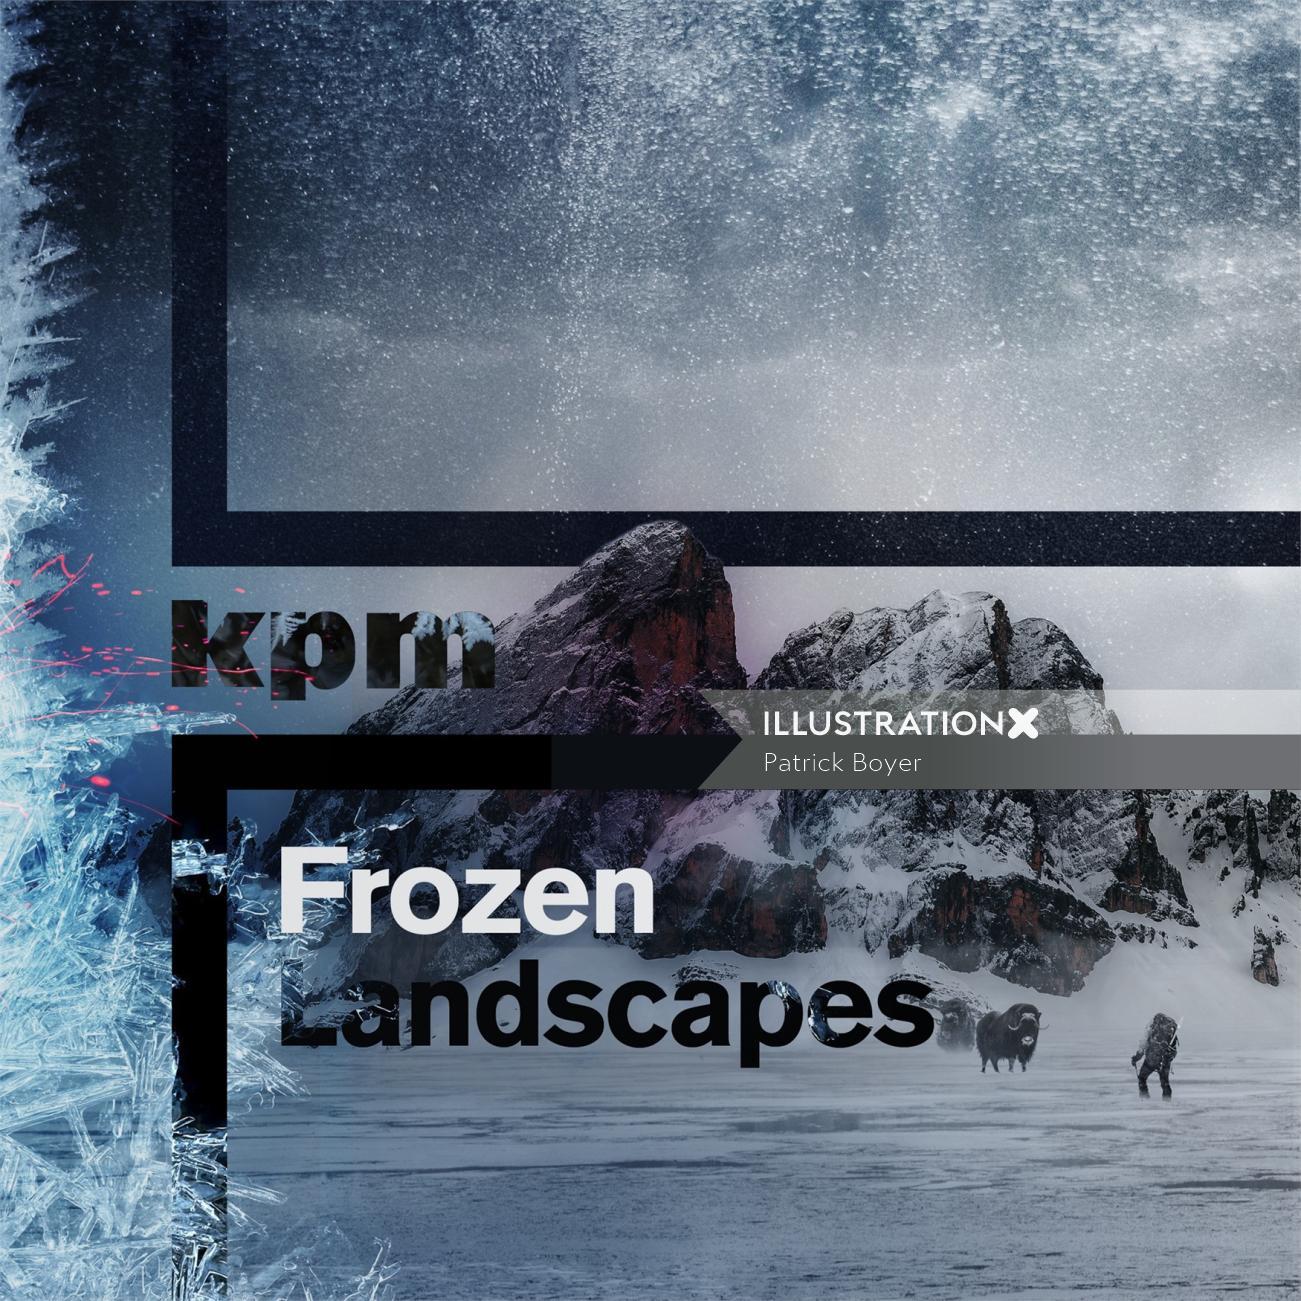 frozen landscape album cover by patrick boyer